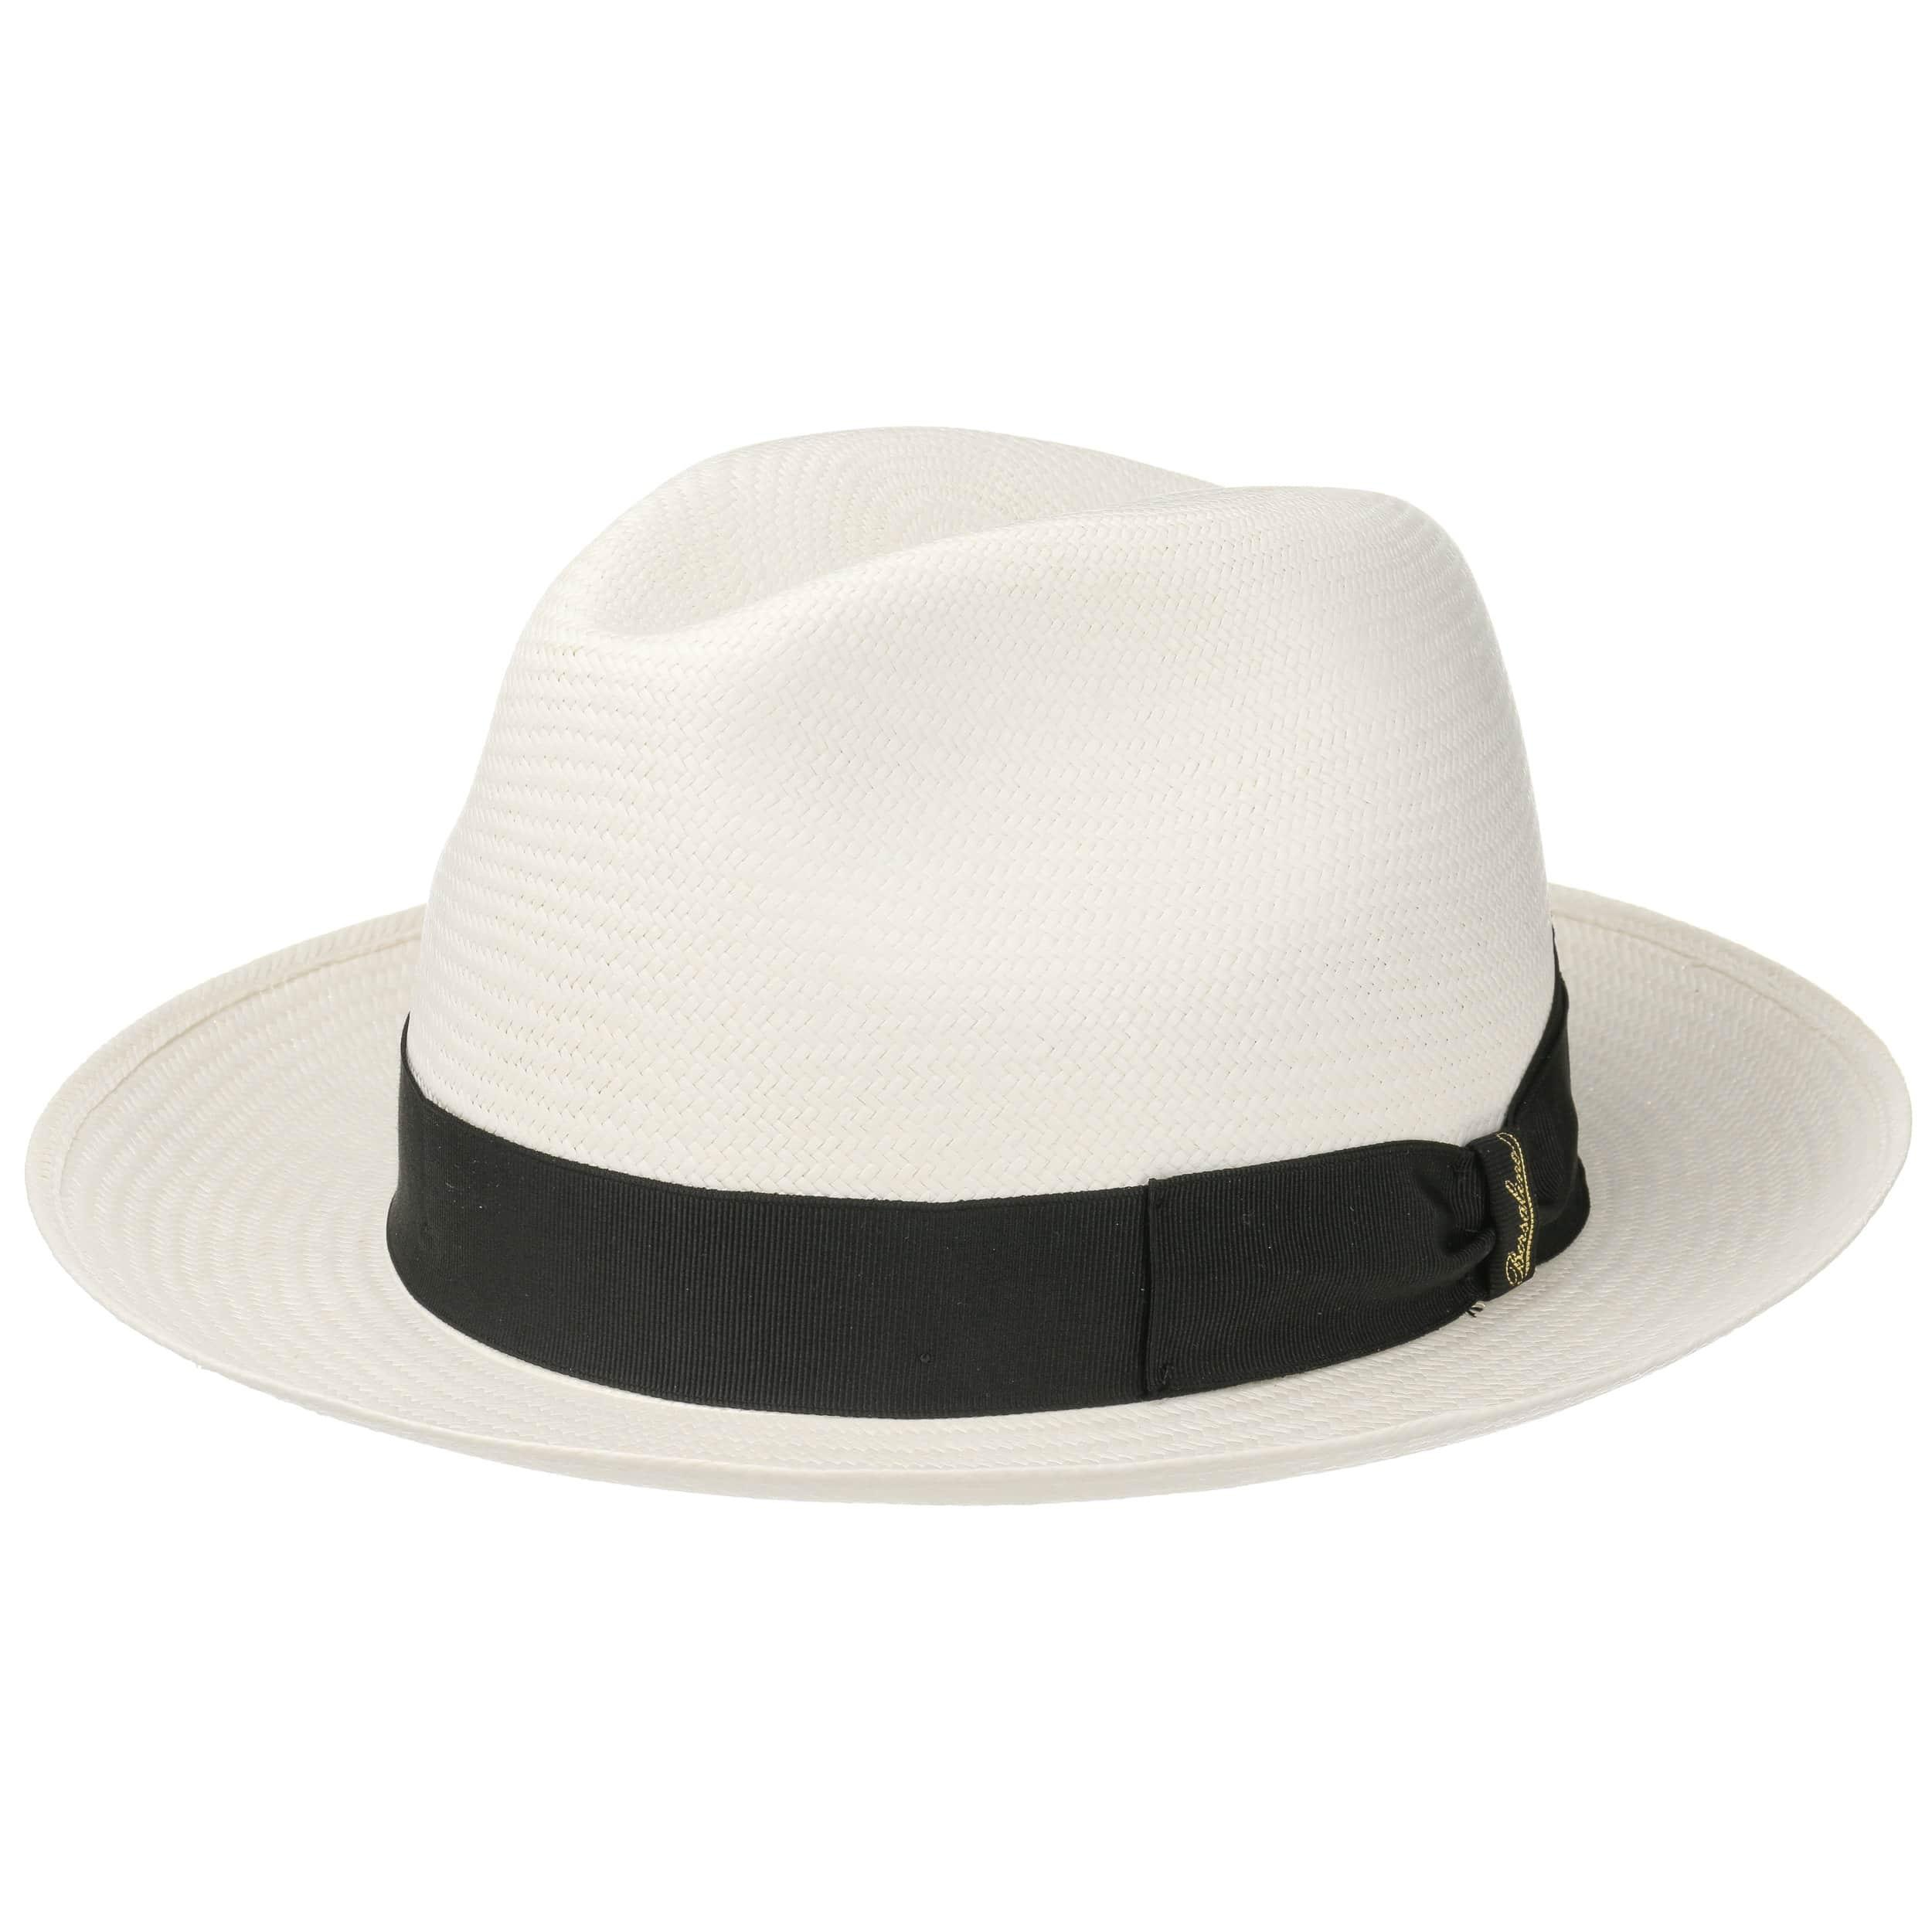 Sombrero Panamá Black Small by Borsalino - Sombreros - sombreroshop.es ca19aca3b48